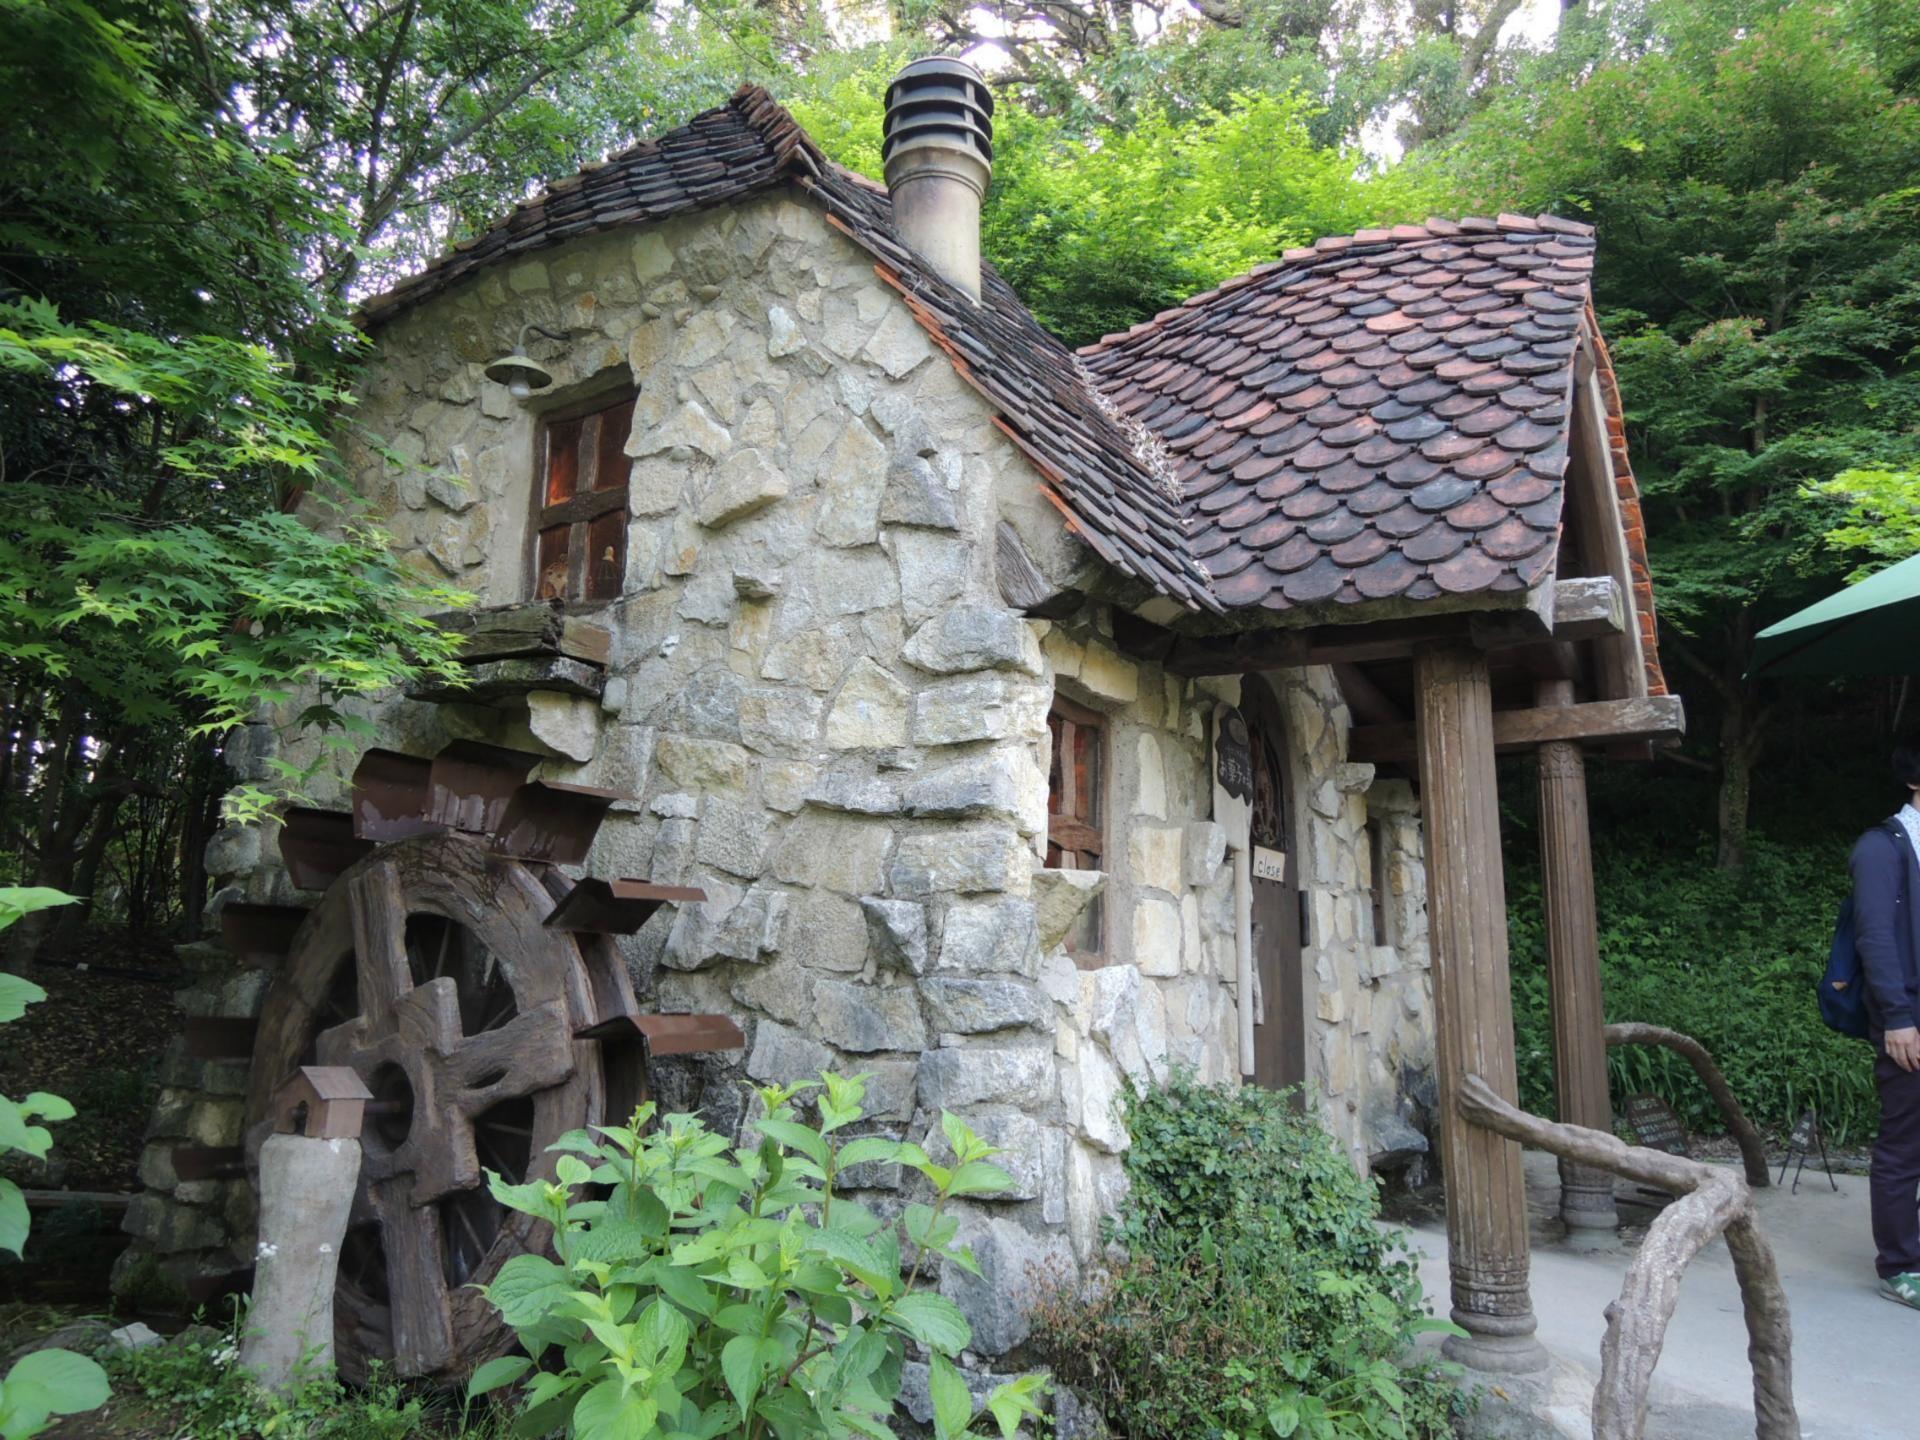 おとぎの国みたいな家 ぬくもりの森 Lemonの日記 レンガの家 石の家 小さなコテージ